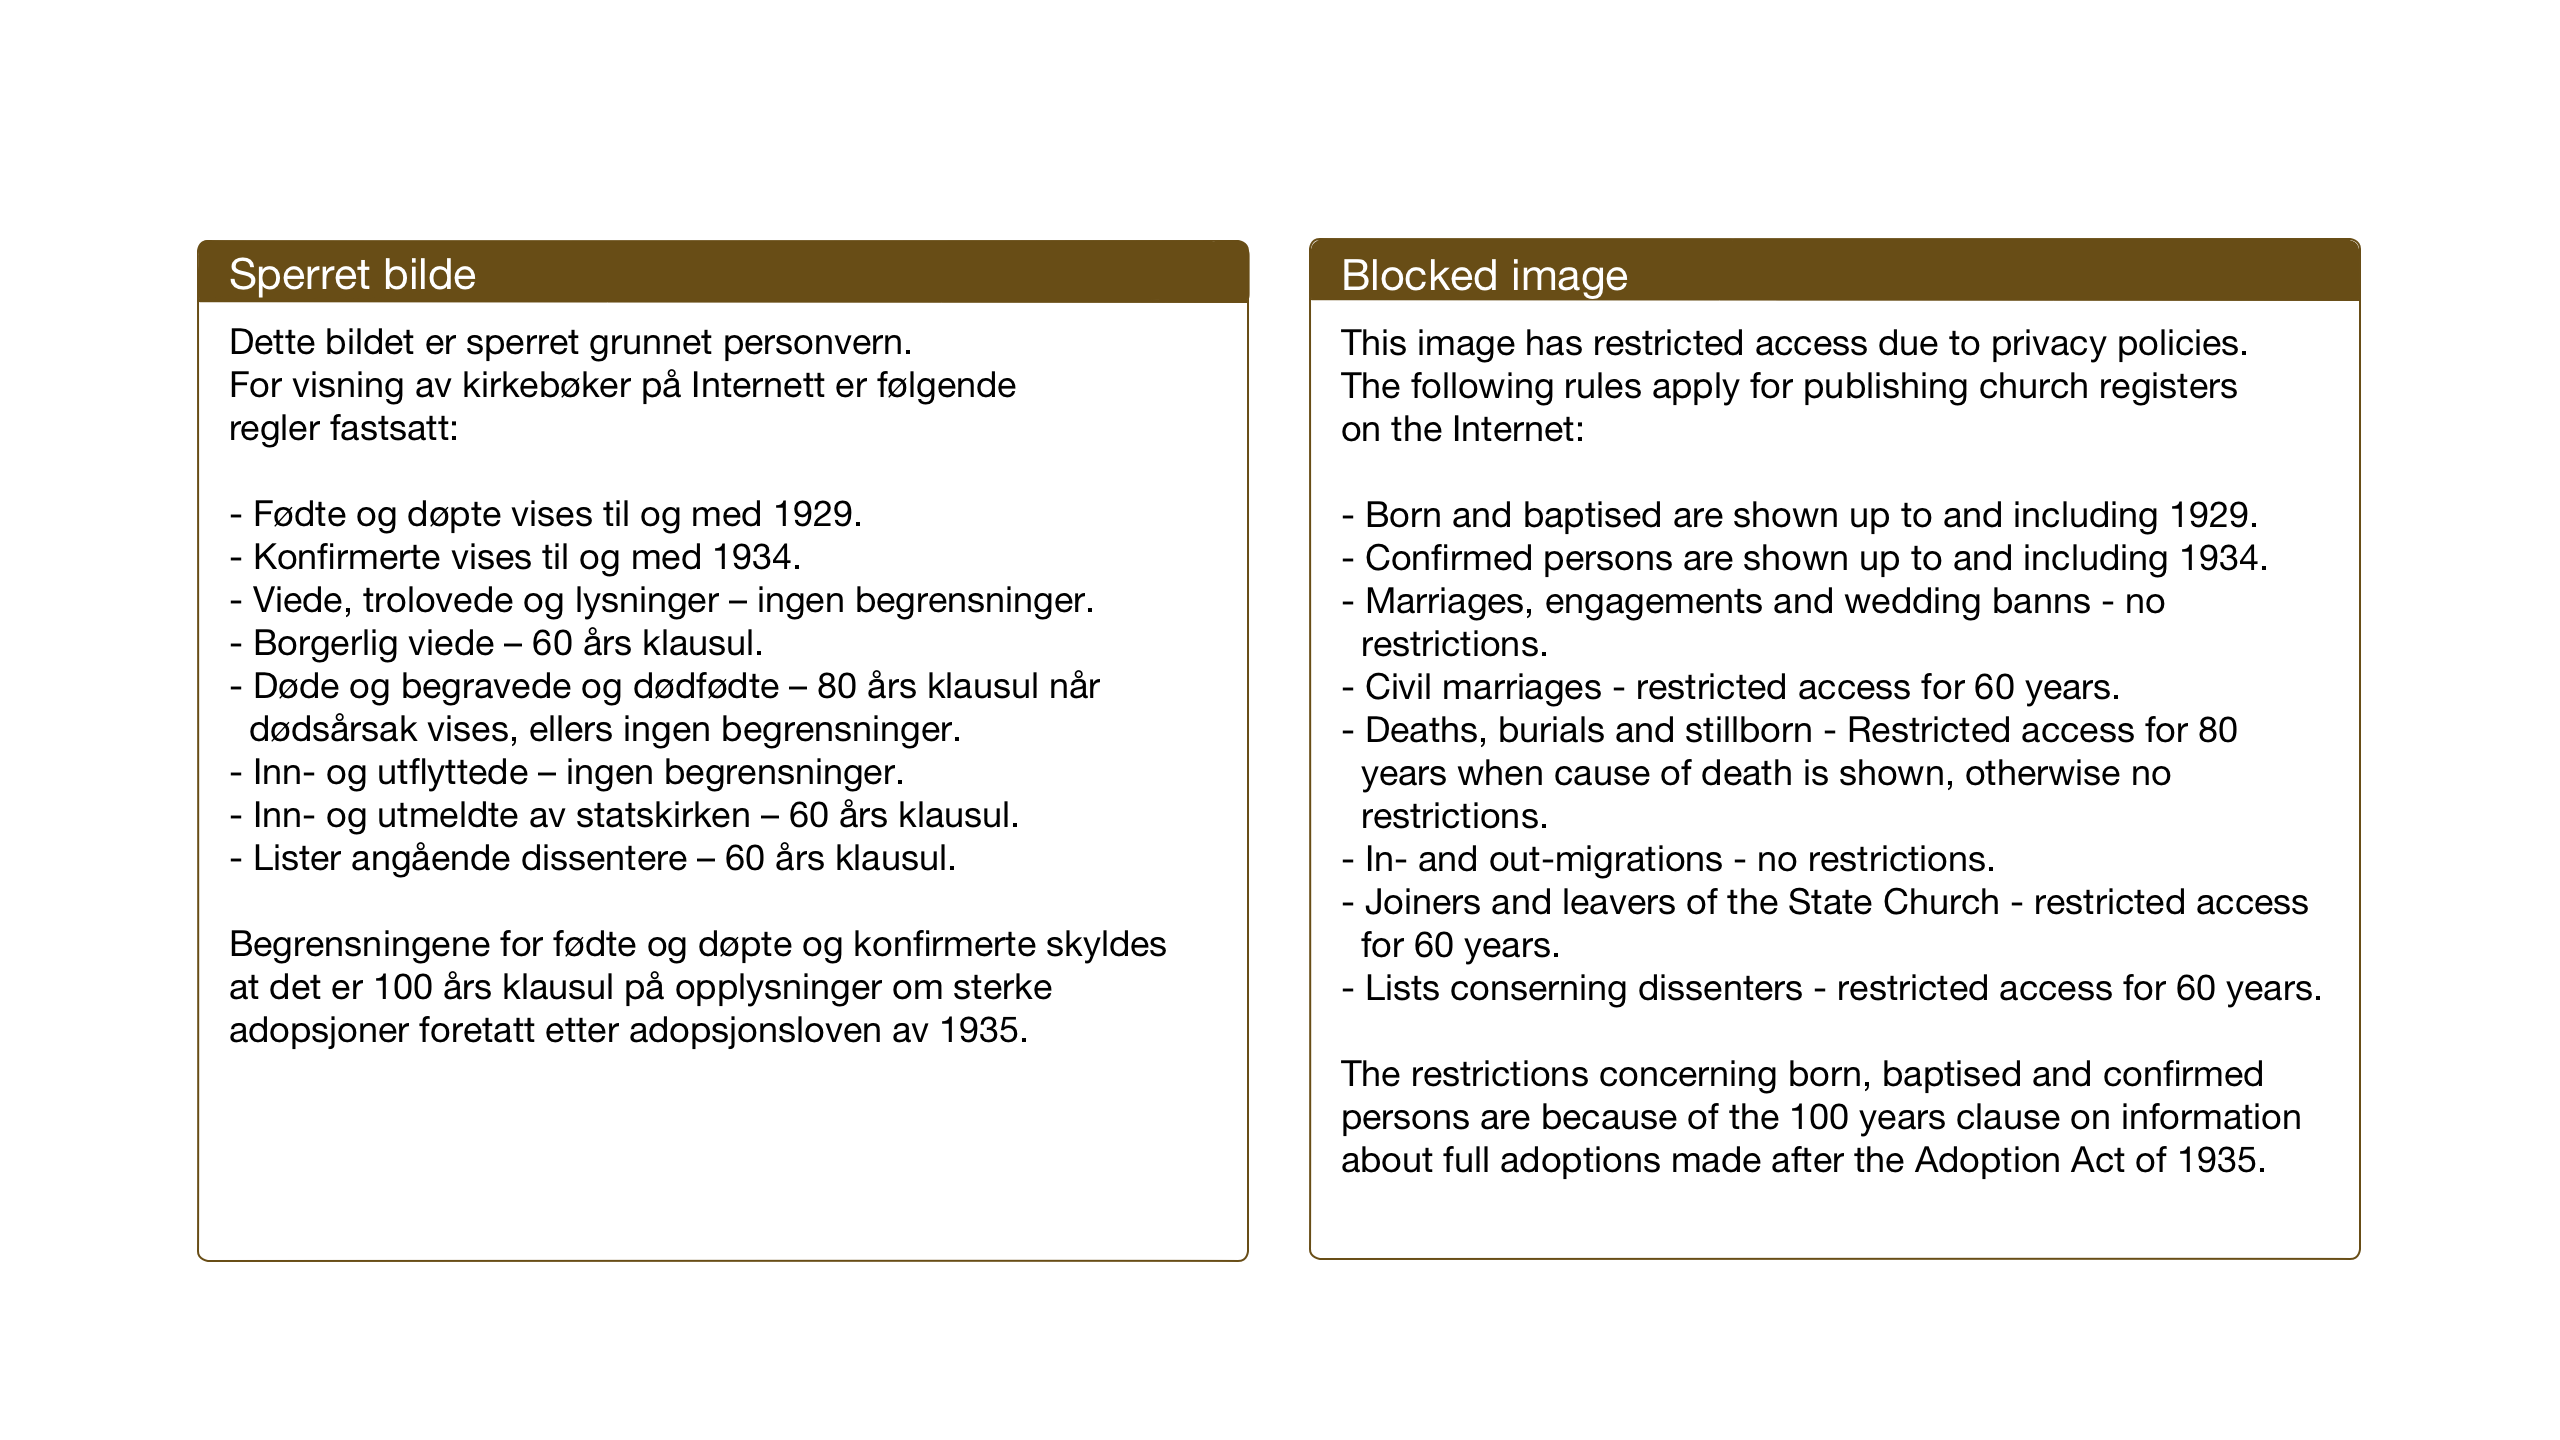 SAT, Ministerialprotokoller, klokkerbøker og fødselsregistre - Sør-Trøndelag, 685/L0979: Klokkerbok nr. 685C04, 1908-1933, s. 50